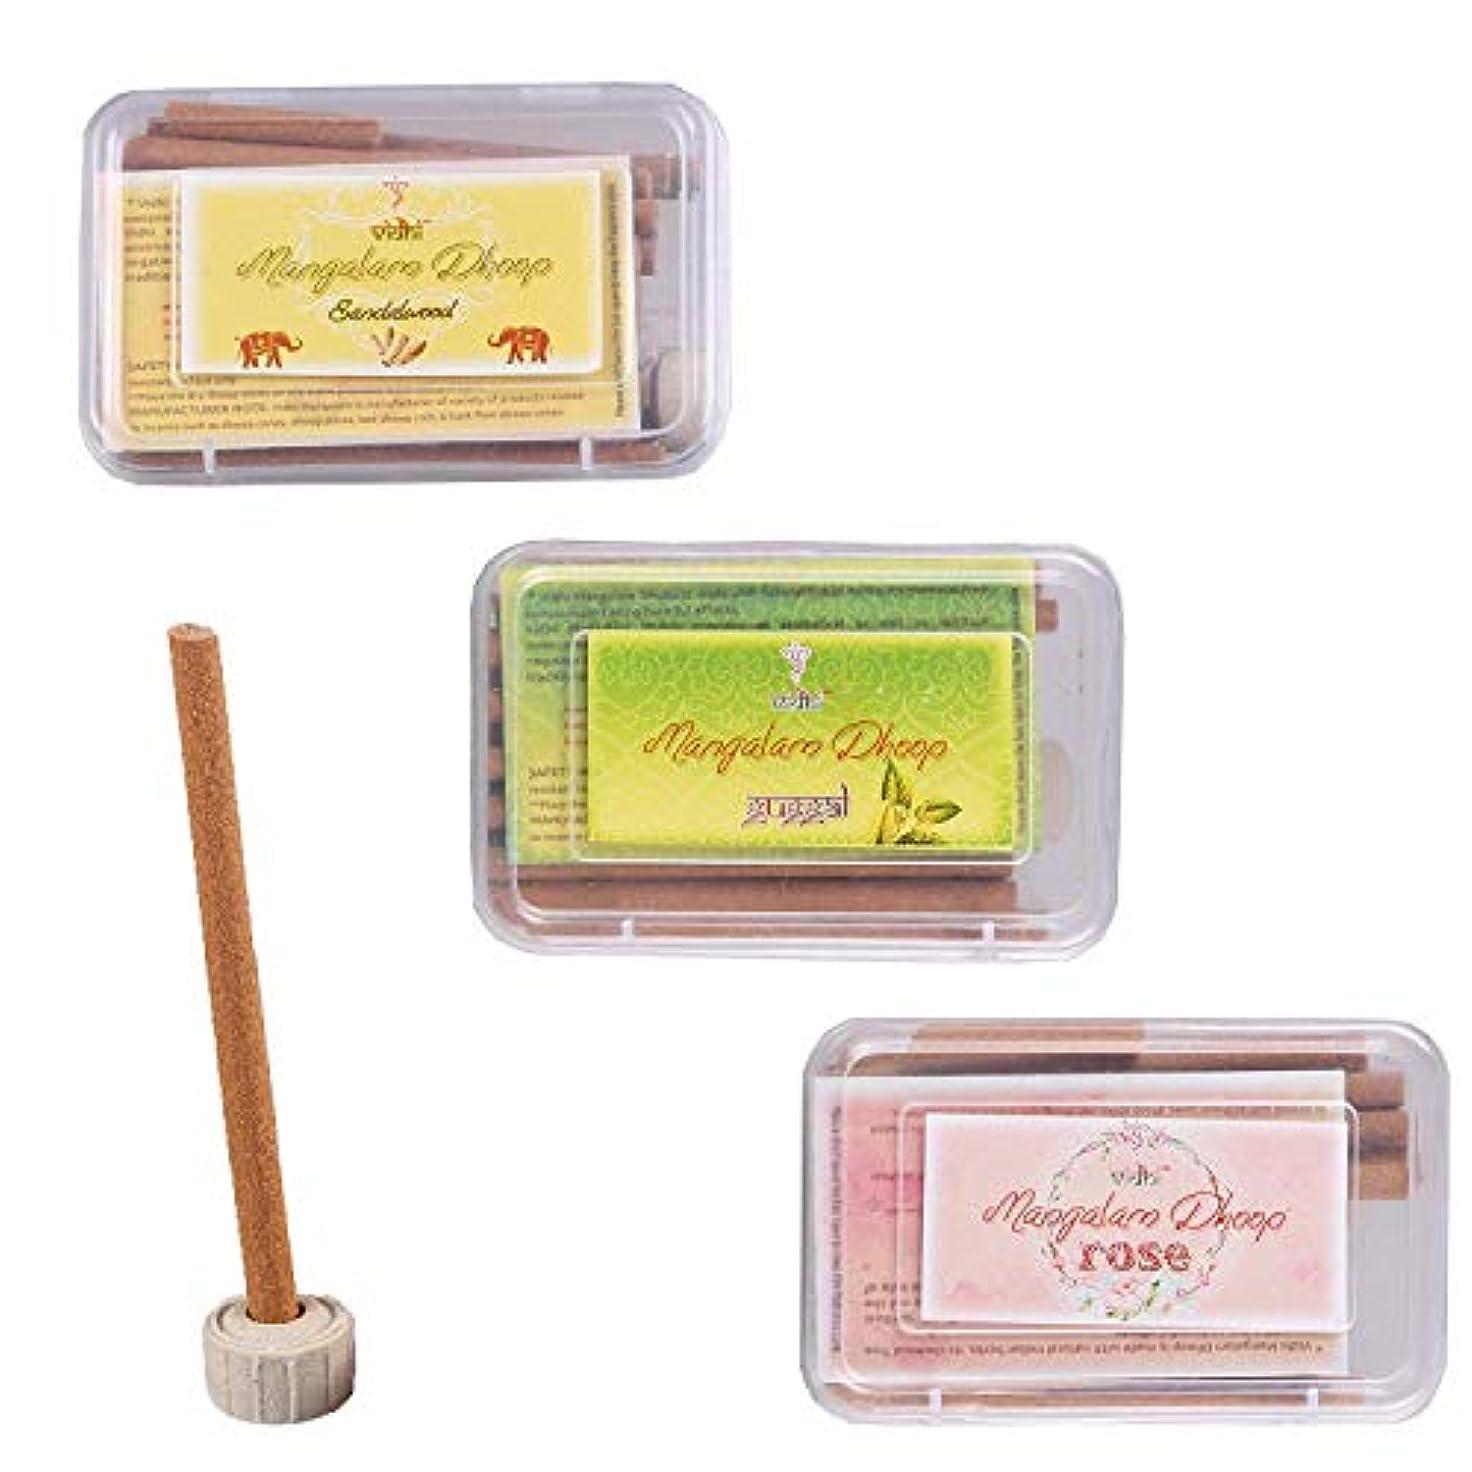 忠実に大胆なかまどVidhi Mangalam Dhoop Sticks Pack/Boxes (Guggal, Rose and Sandalwood) - Pack of 120 Dhoop Sticks (Natural Dhoop...